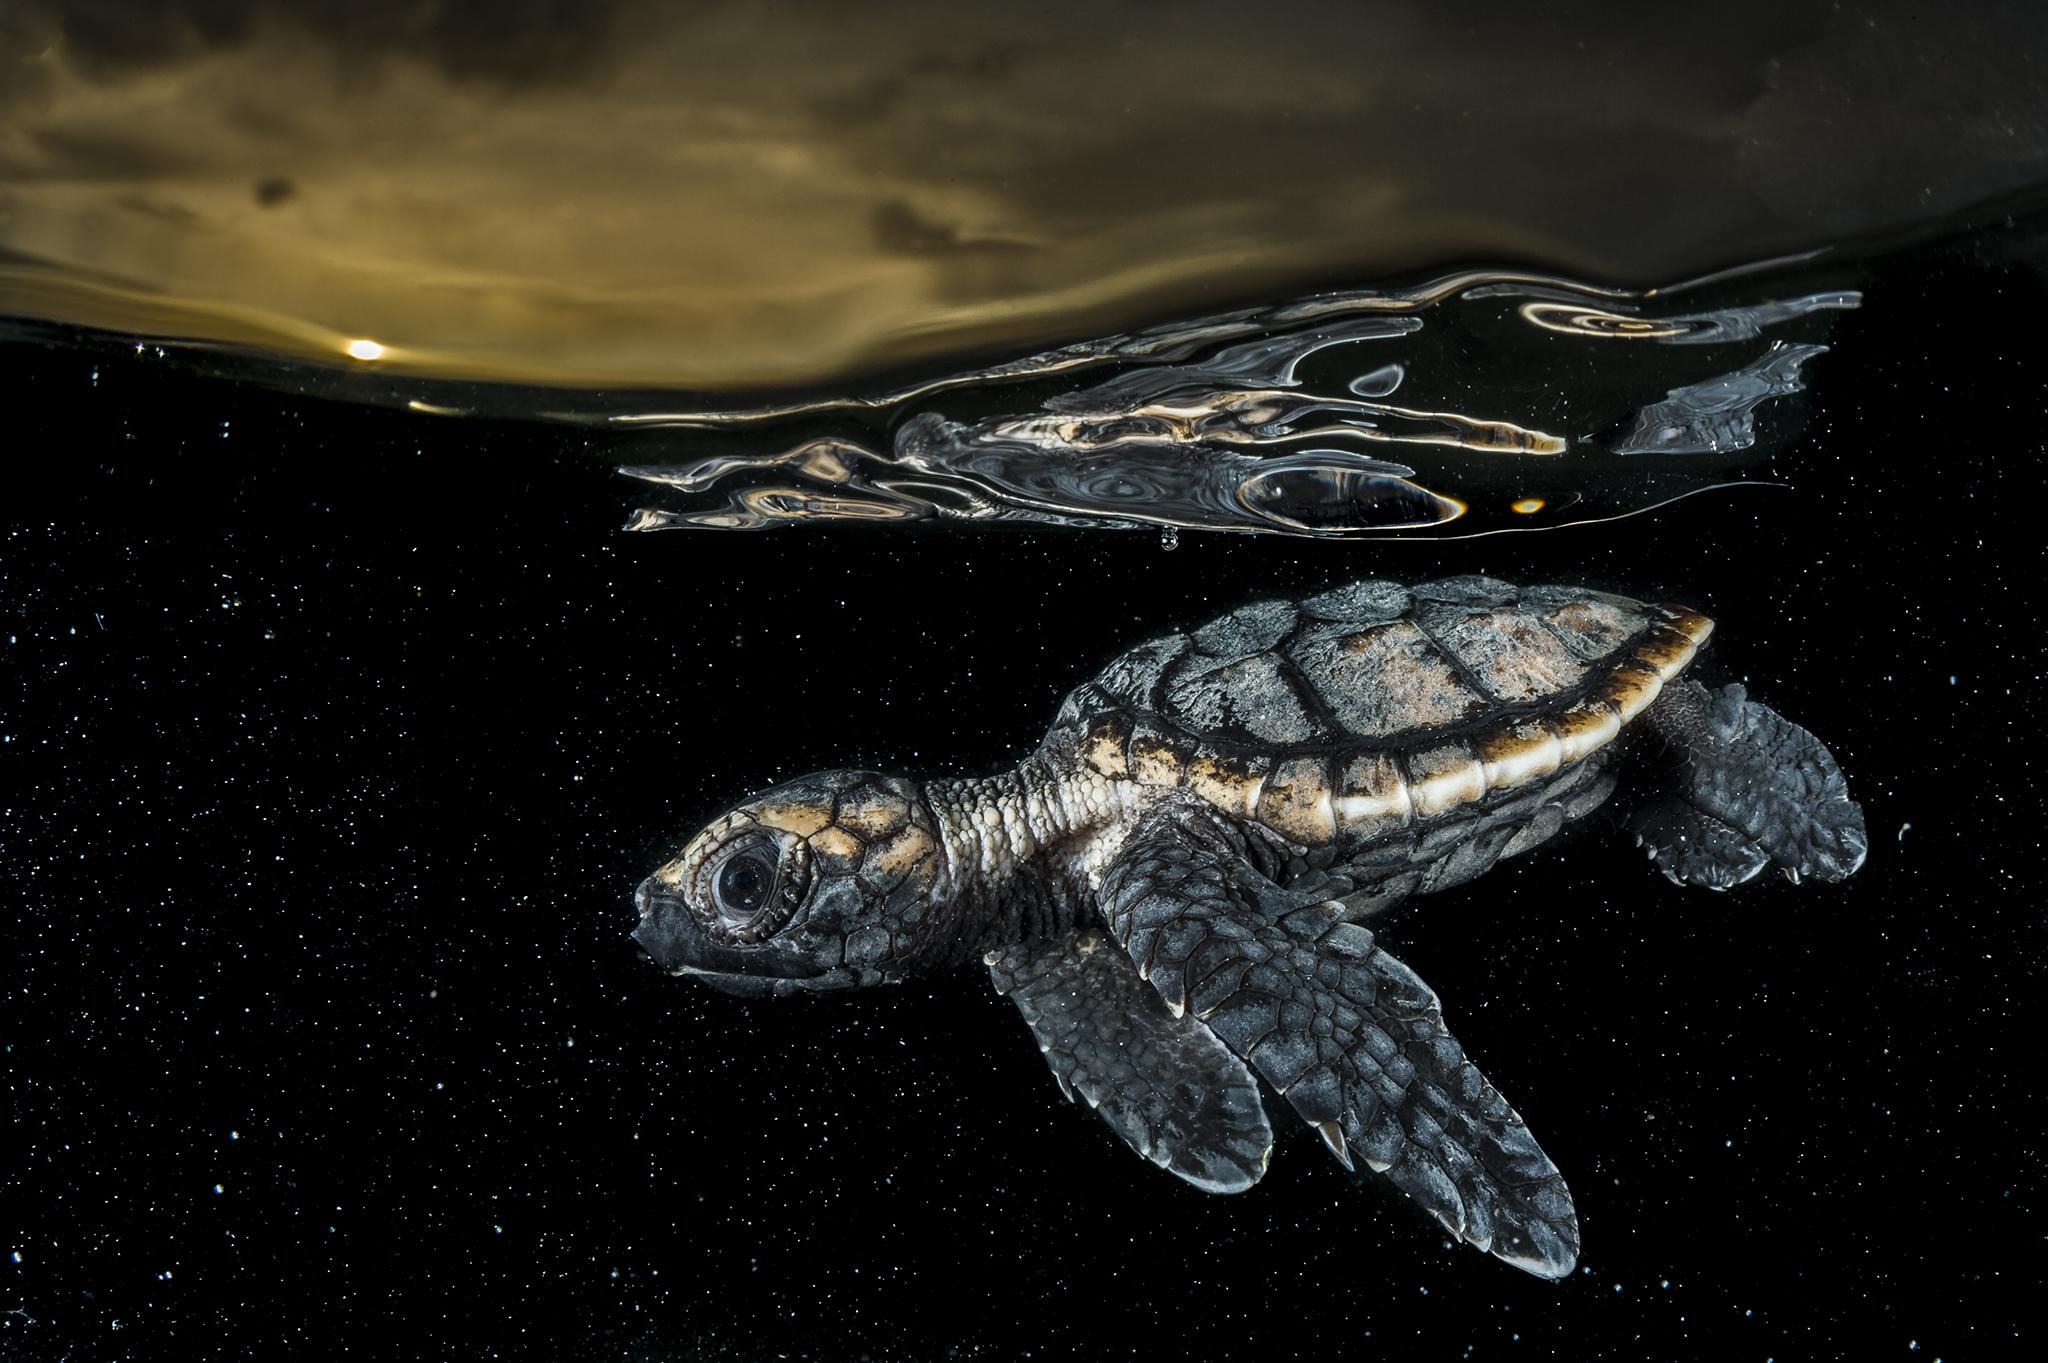 Nage au large. Une tortue caouanne juvénile (Caretta caretta) nage dans la mer tandis que l'obscurité descend dans les Jardins de la Reine à Cuba. Le nouveau-né est vulnérable de dessous et de dessus et il doit trouver le moyen de survivre et d'atteindre une taille qui découragera les prédateurs.